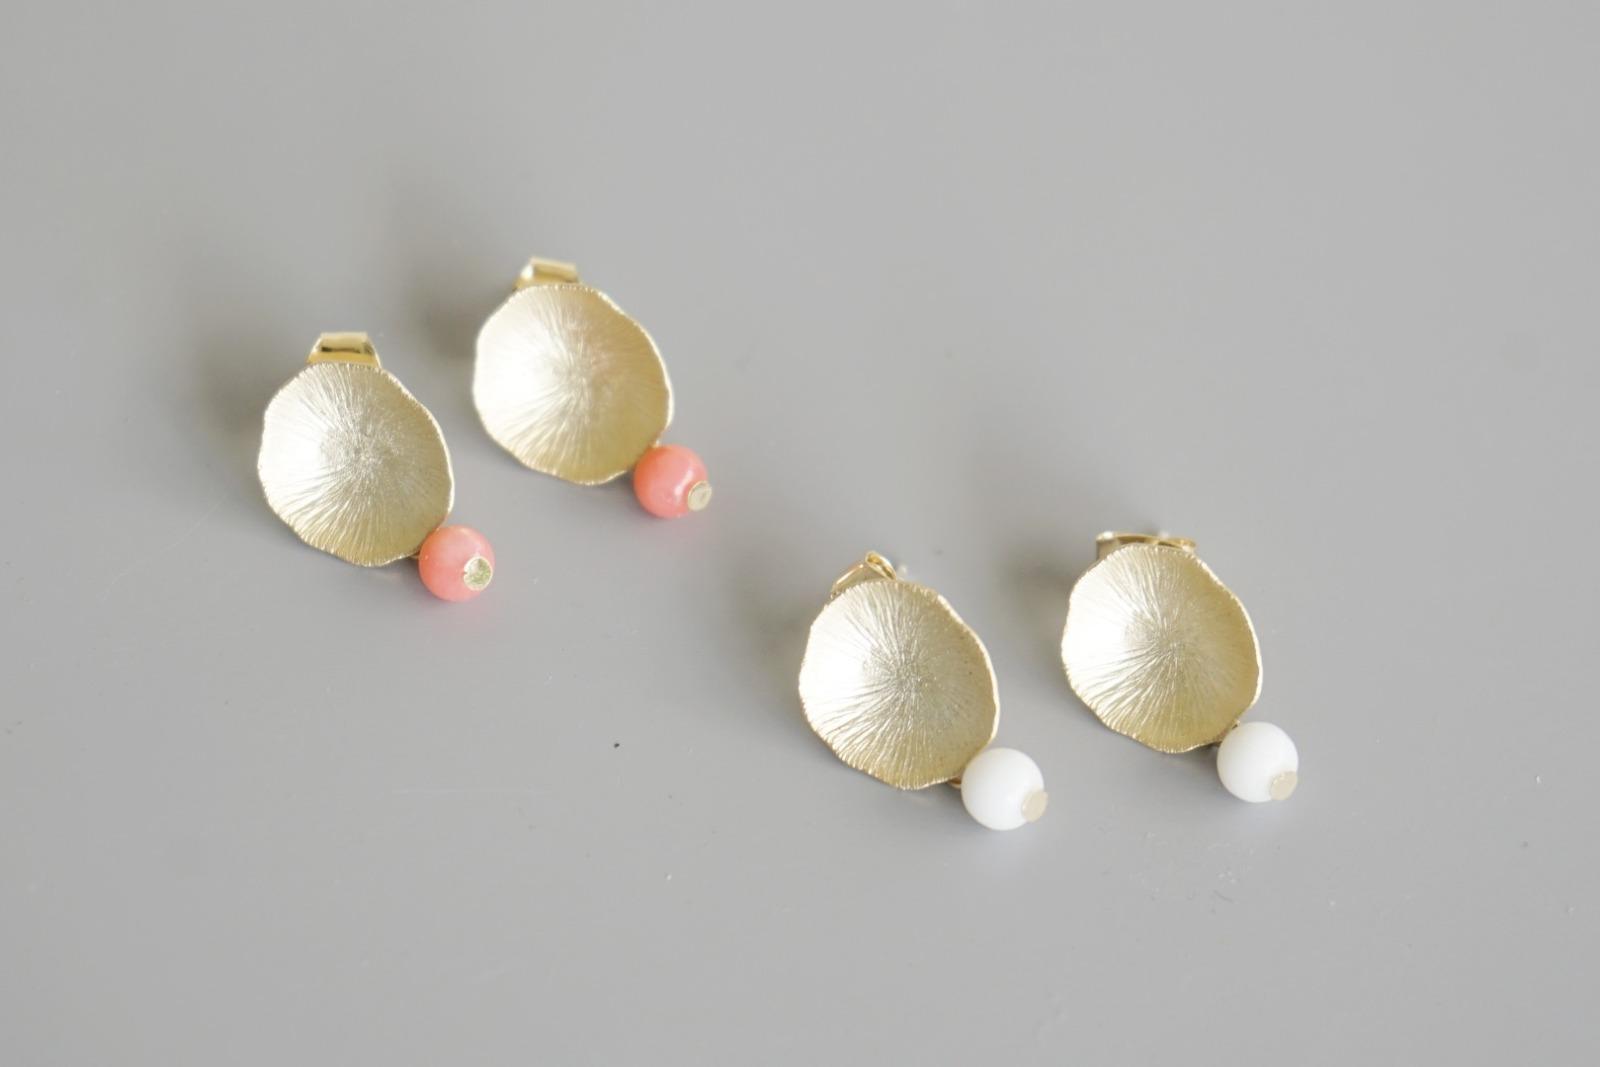 Ohrstecker Lotusblatt vergoldet mit Perle Jade weiß - 3